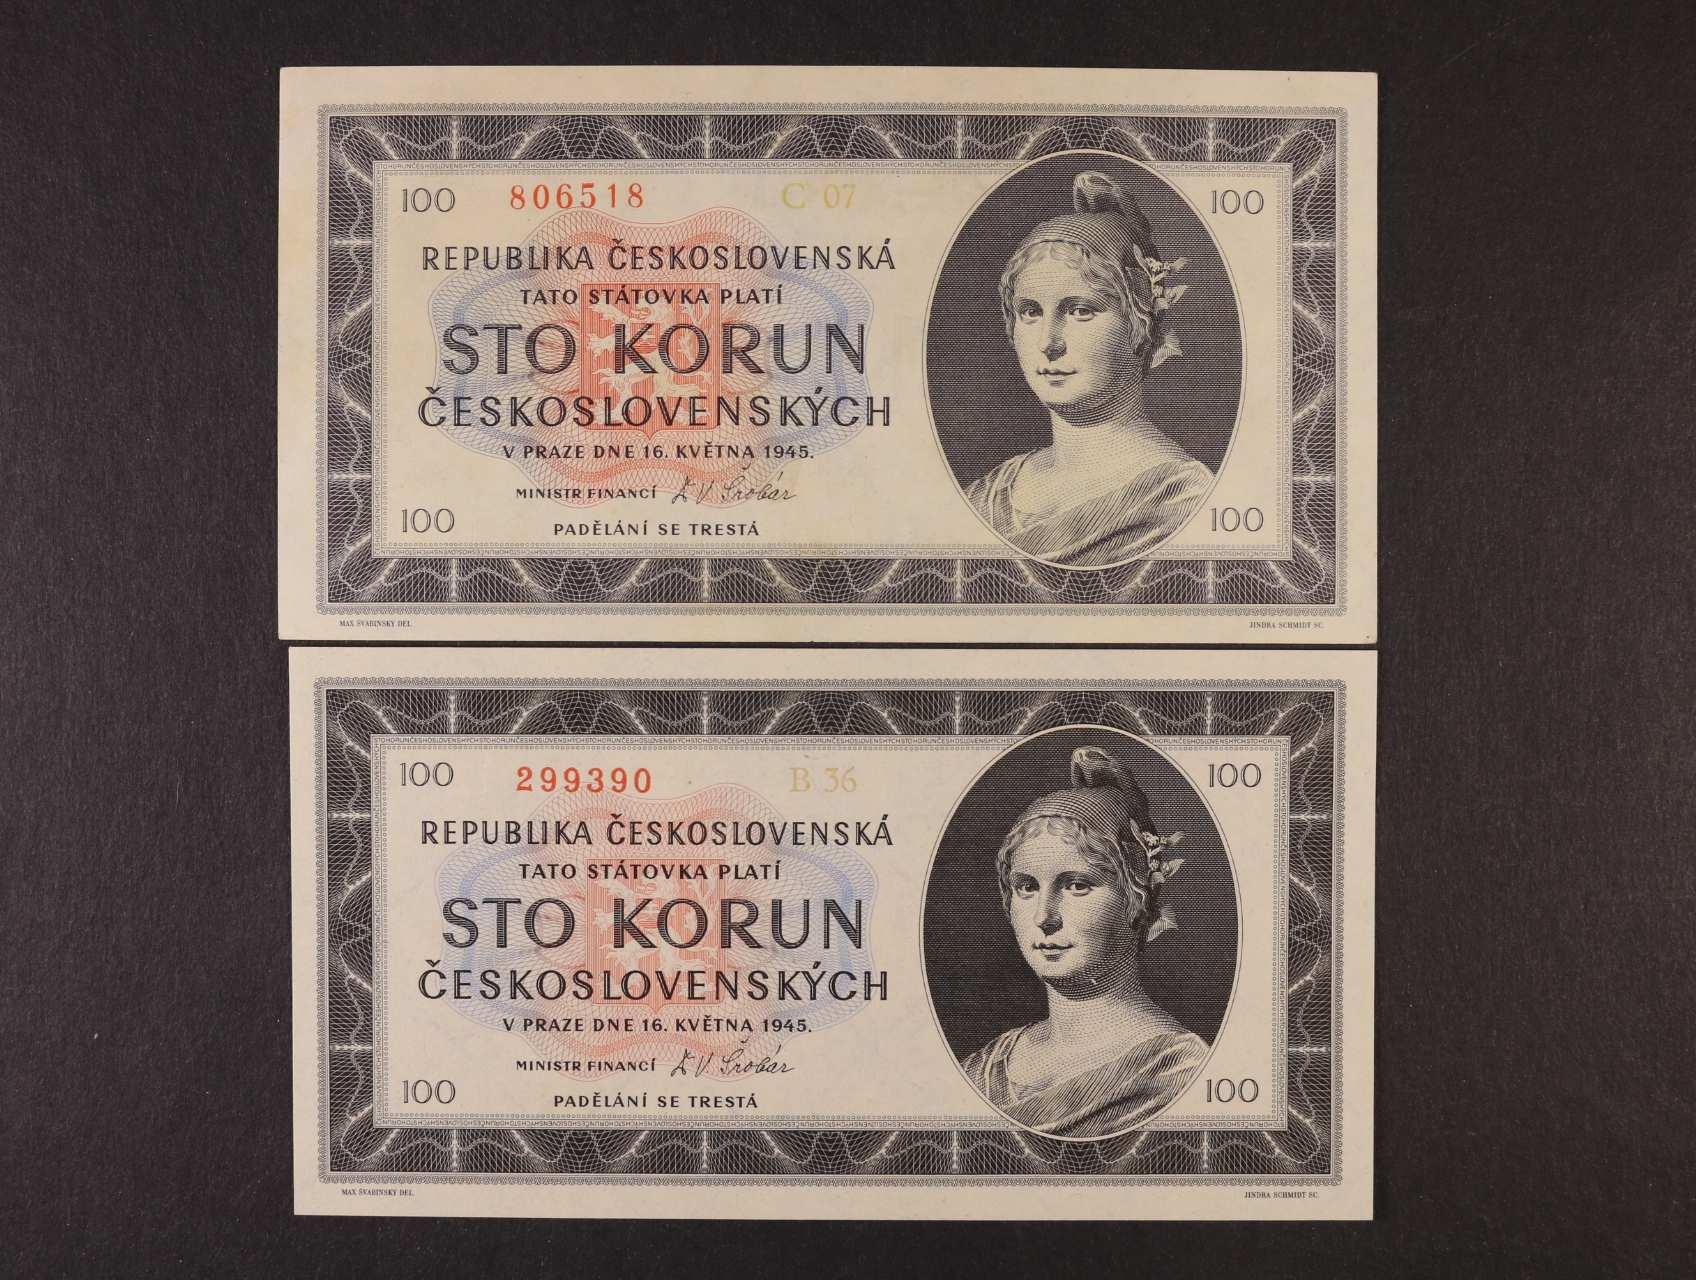 100 Kčs 16.5.1945 série B 36, C 07, Ba. 77a1, 77b1, Pi. 67a, 2ks